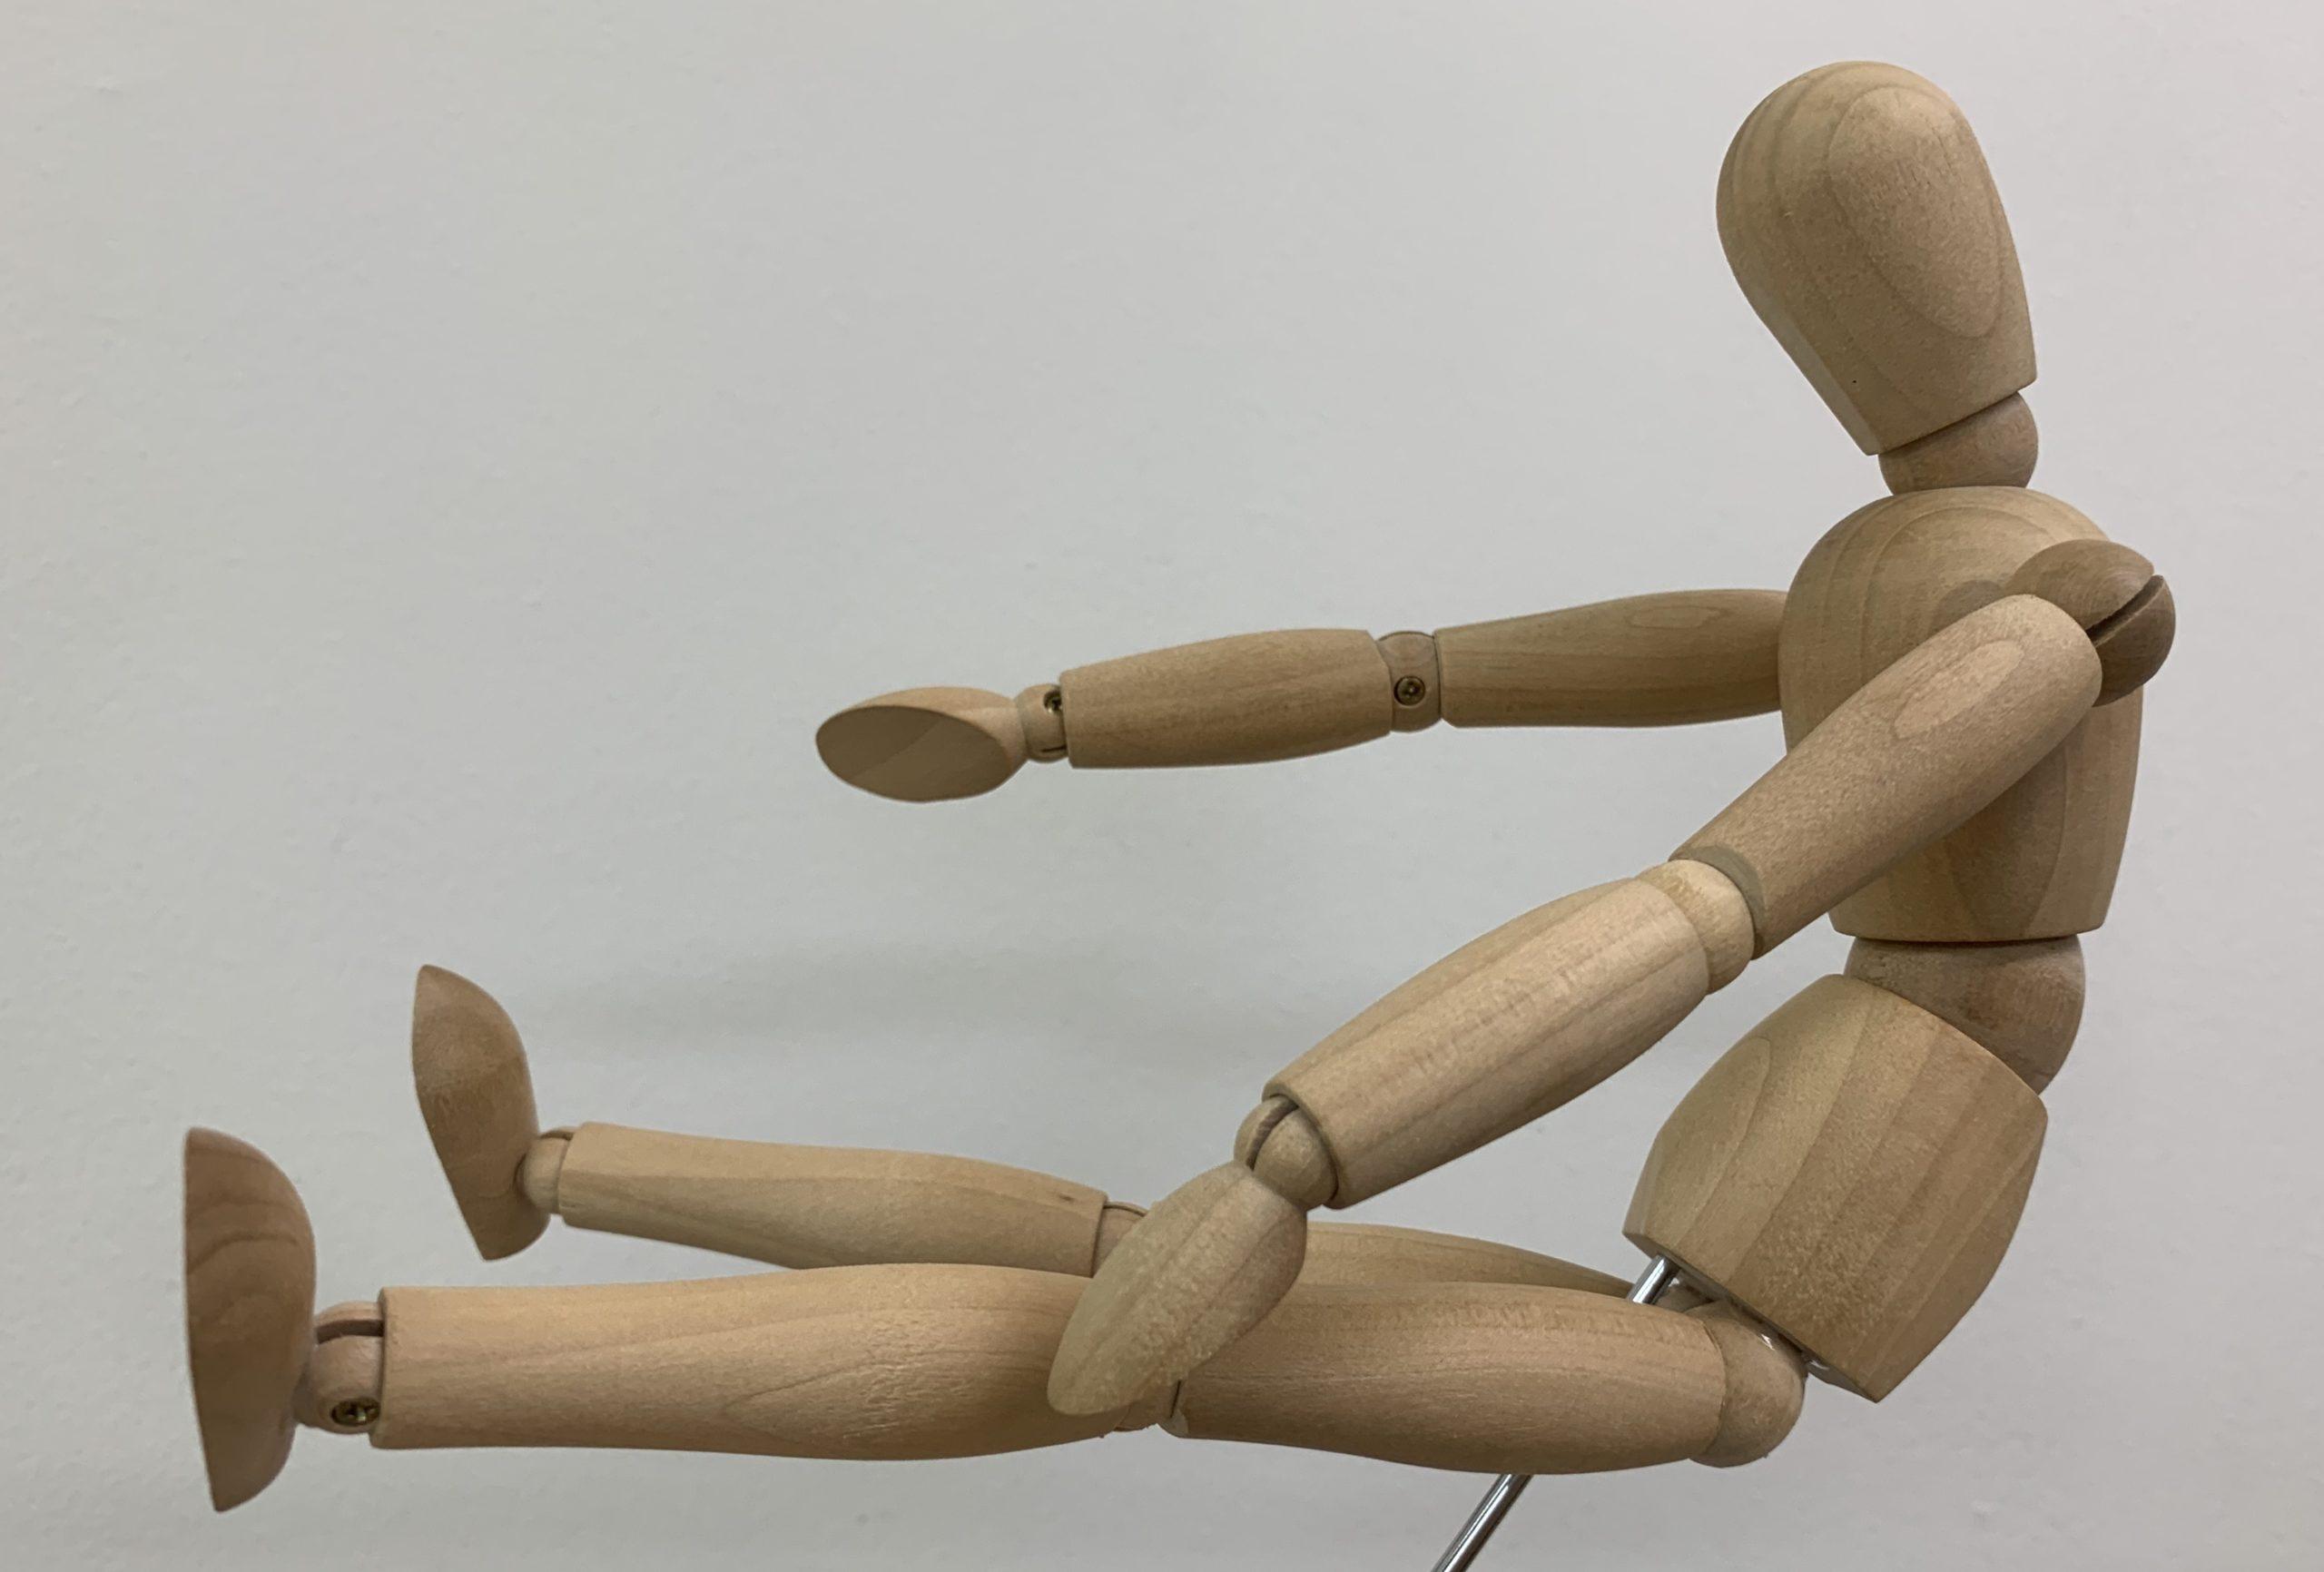 体が硬くて、骨盤が立たない、腰が落ちてしまう方におススメの体操